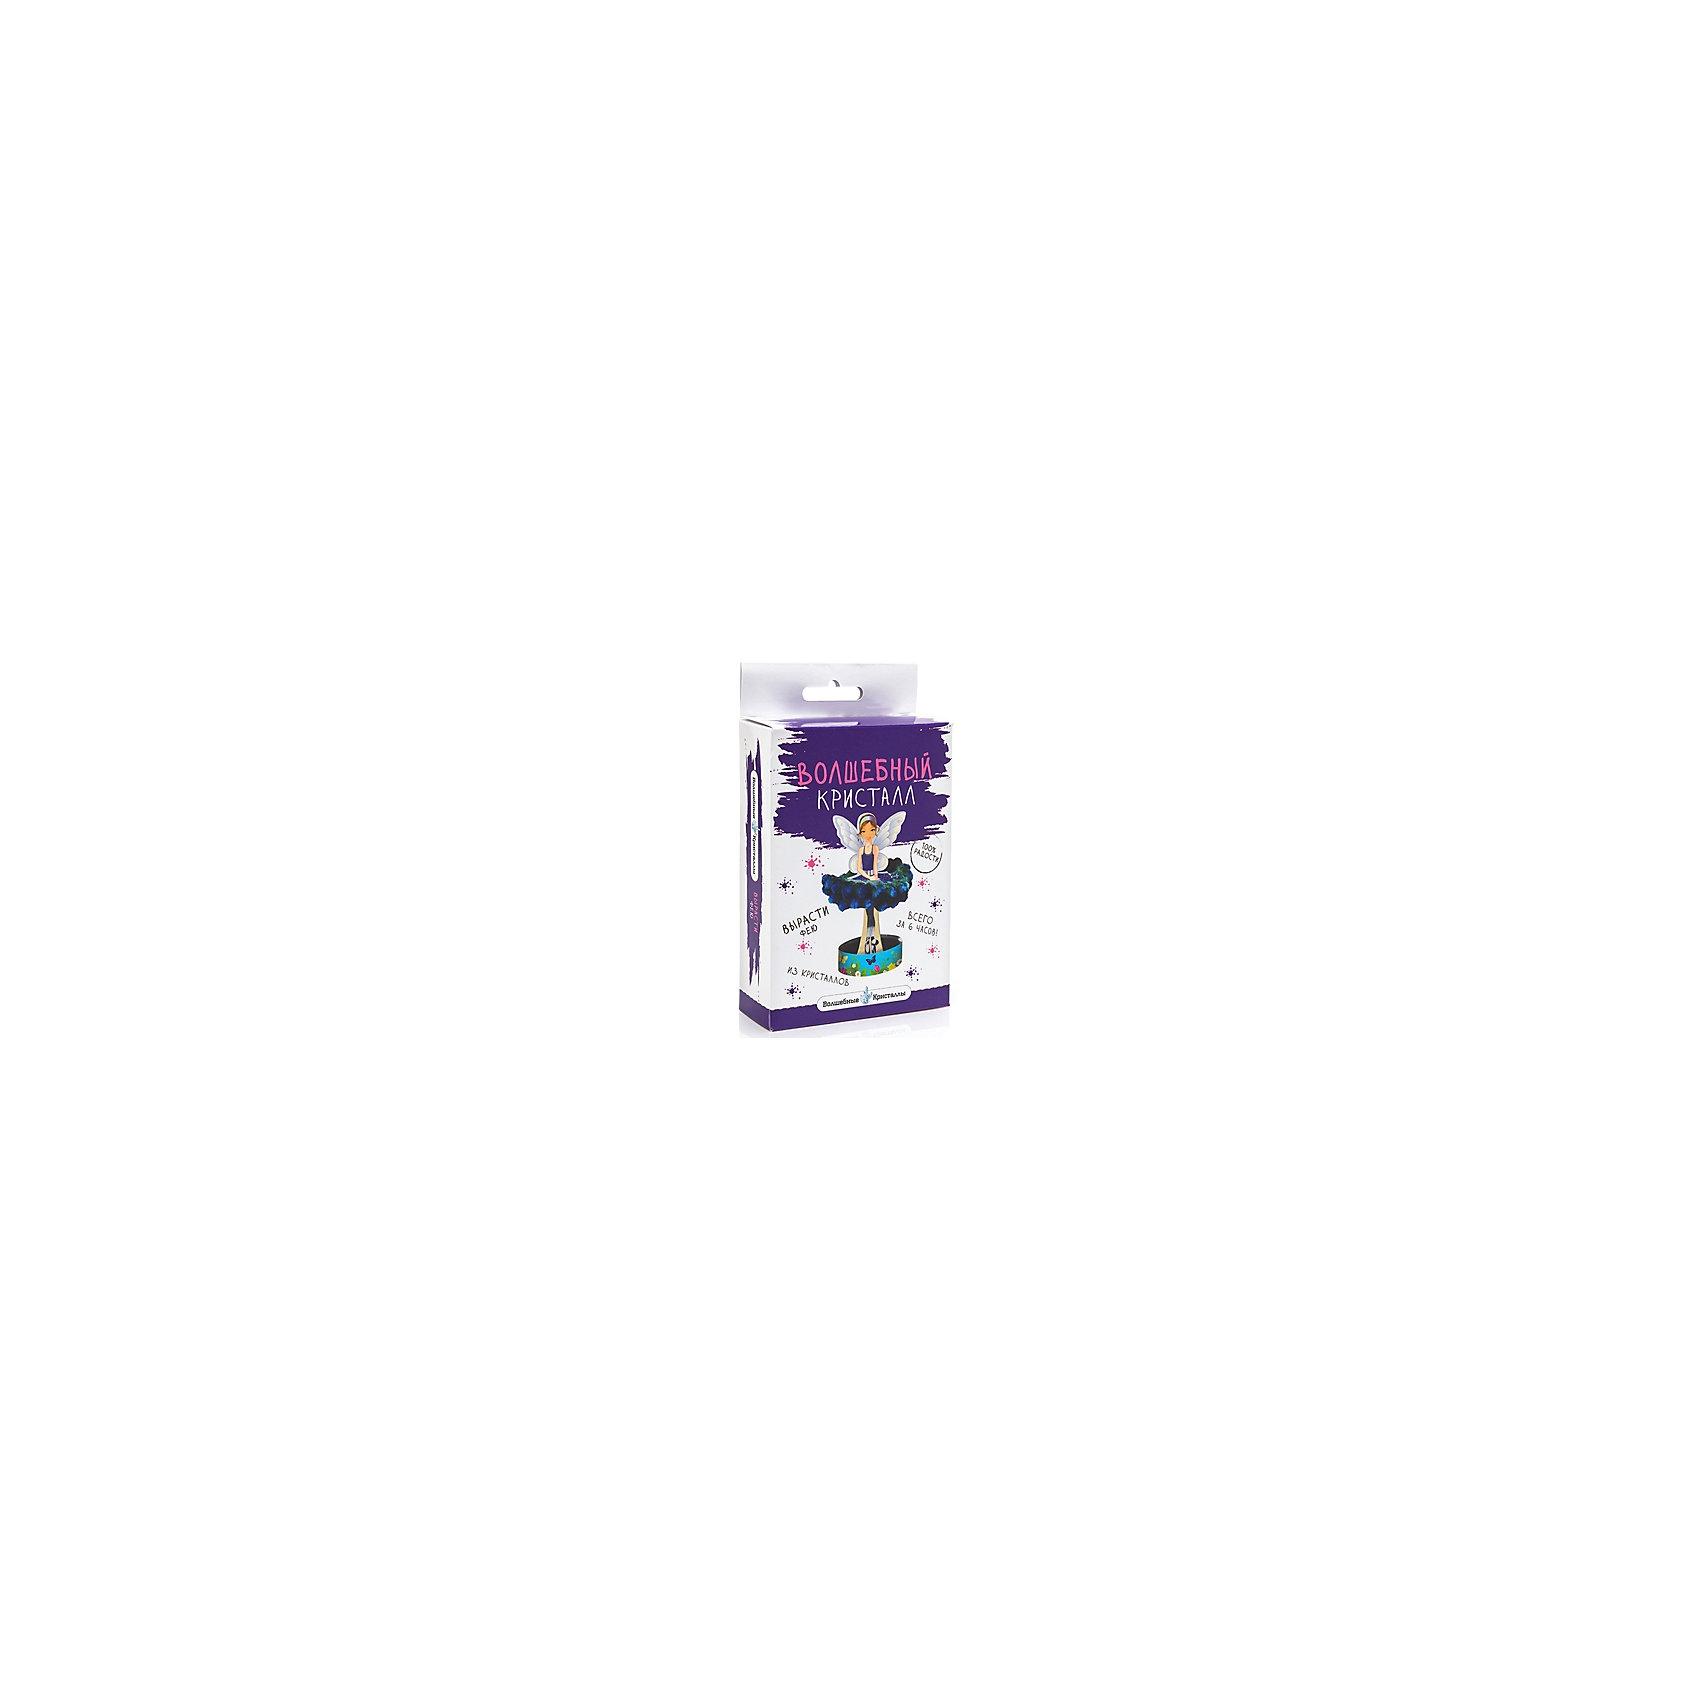 Научный набор Волшебный кристалл - Фея БумбарамВыращивание кристаллов<br>Волшебные кристаллы Фея голубая, Бумбарам.<br><br>Характеристики:<br><br>• интересный эксперимент с выращиванием кристаллов<br>• яркий цвет<br>• пошаговая инструкция<br>• прост в использовании<br>• безопасен для детей<br>• пошаговая инструкция в комплекте<br>• размер упаковки: 16,5х10х3 см<br>• вес: 50 грамм<br>• цвет: голубой<br>• готовую поделку рекомендуется покрыть лаком<br><br>С набором Волшебные кристаллы. Фея ребенок сможет создать прекрасную фею с очаровательной юбкой. Для этого нужно установить каркас феи на подставку и добавить специальный раствор. Уже через 6 часов юбка феи станет очень пышной, чем непременно порадует любителей прекрасного. Волшебная фея станет превосходным дополнением к детской комнате!<br><br>Волшебные кристаллы Фея голубая, Бумбарам можно купить в нашем интернет-магазине.<br><br>Ширина мм: 170<br>Глубина мм: 100<br>Высота мм: 30<br>Вес г: 50<br>Возраст от месяцев: 72<br>Возраст до месяцев: 144<br>Пол: Женский<br>Возраст: Детский<br>SKU: 5053927